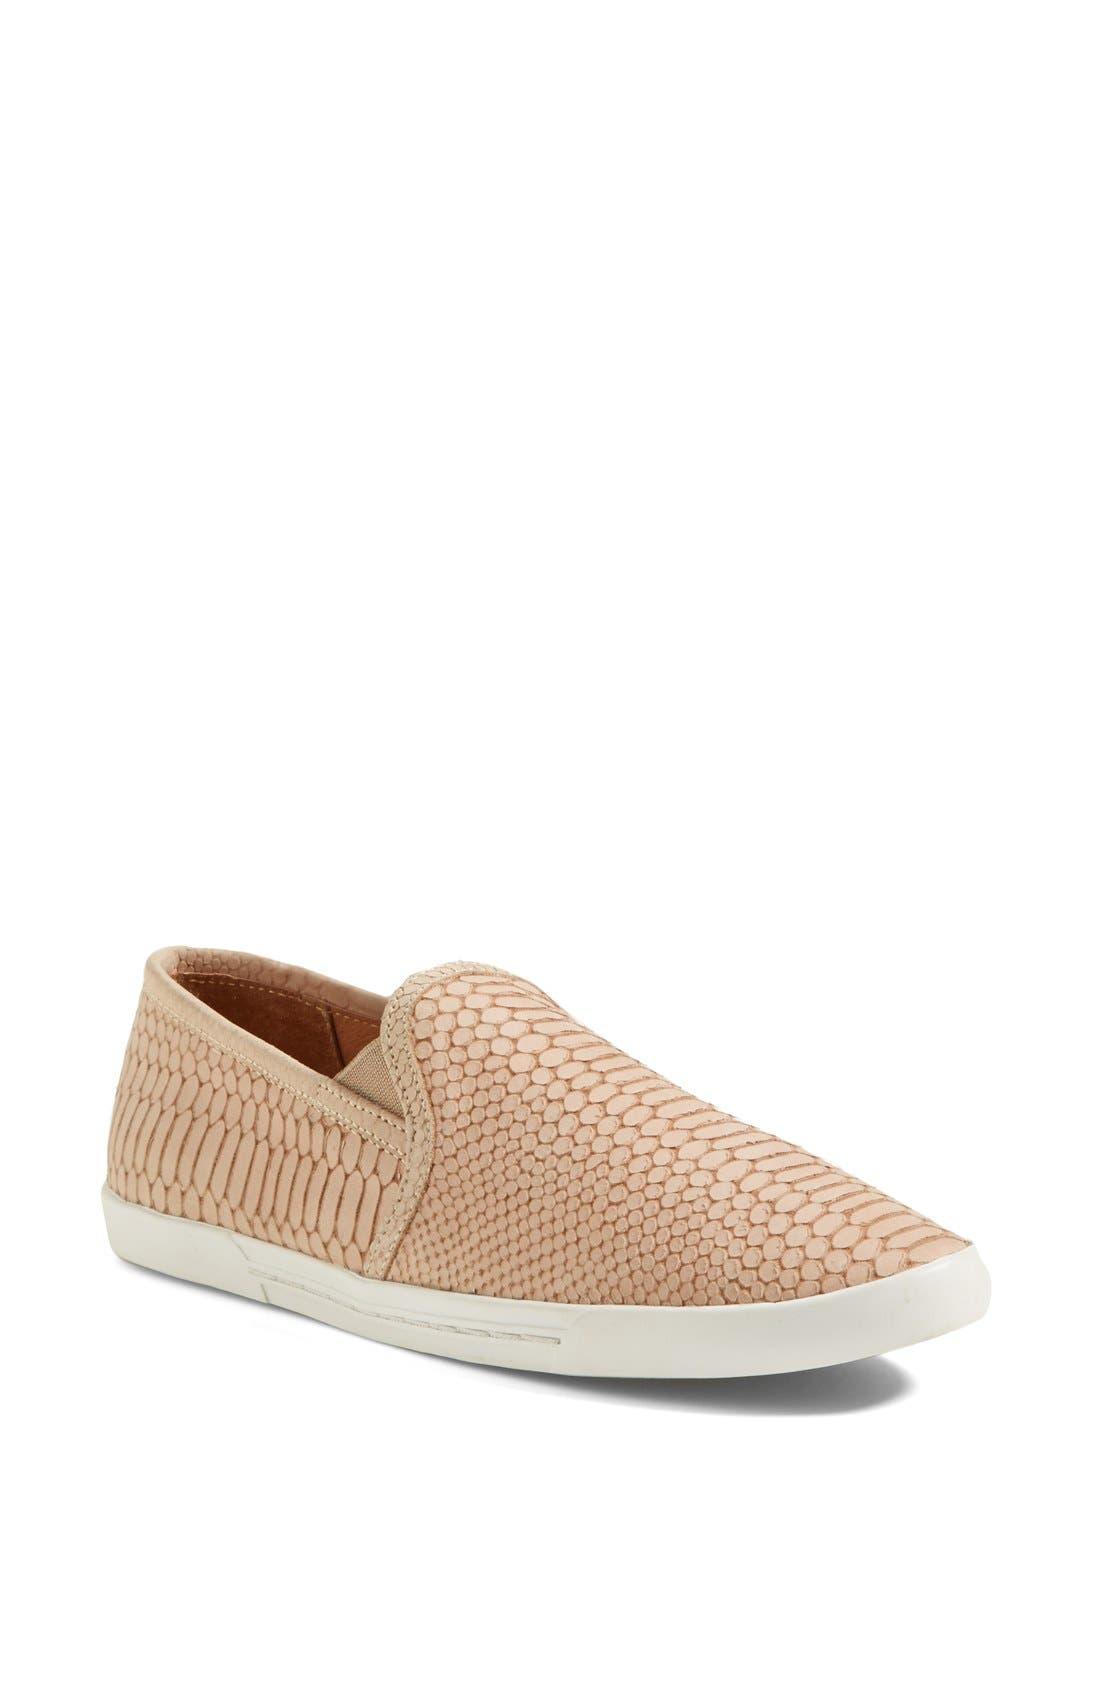 Joie 'Kidmore' Sneaker (Women)